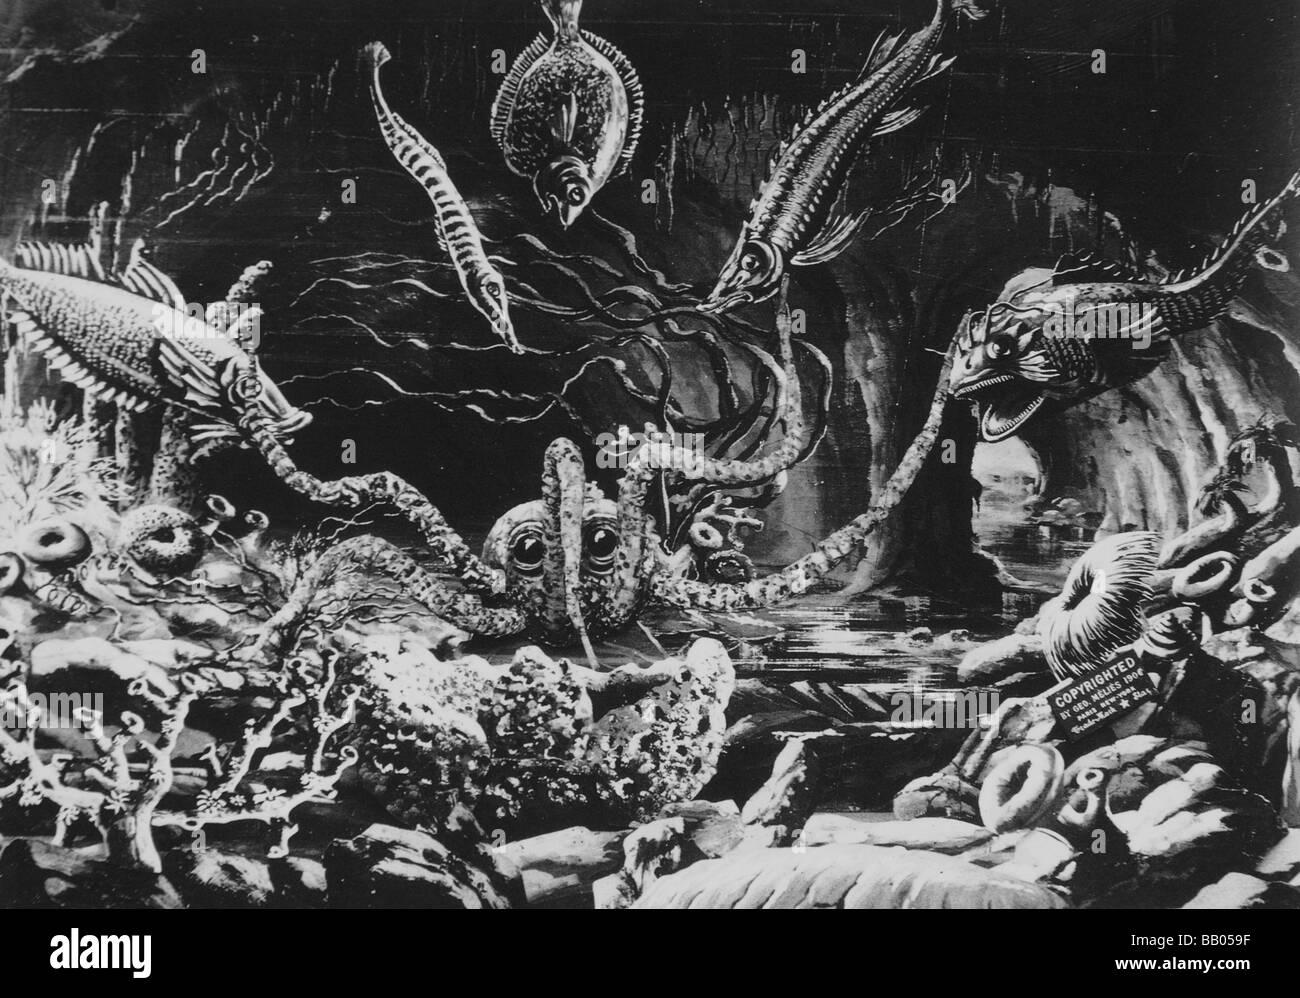 Deux cent mille lieues sous les mers 20 000 leagues under the sea stock photo - Cent mille lieues sous les mers ...